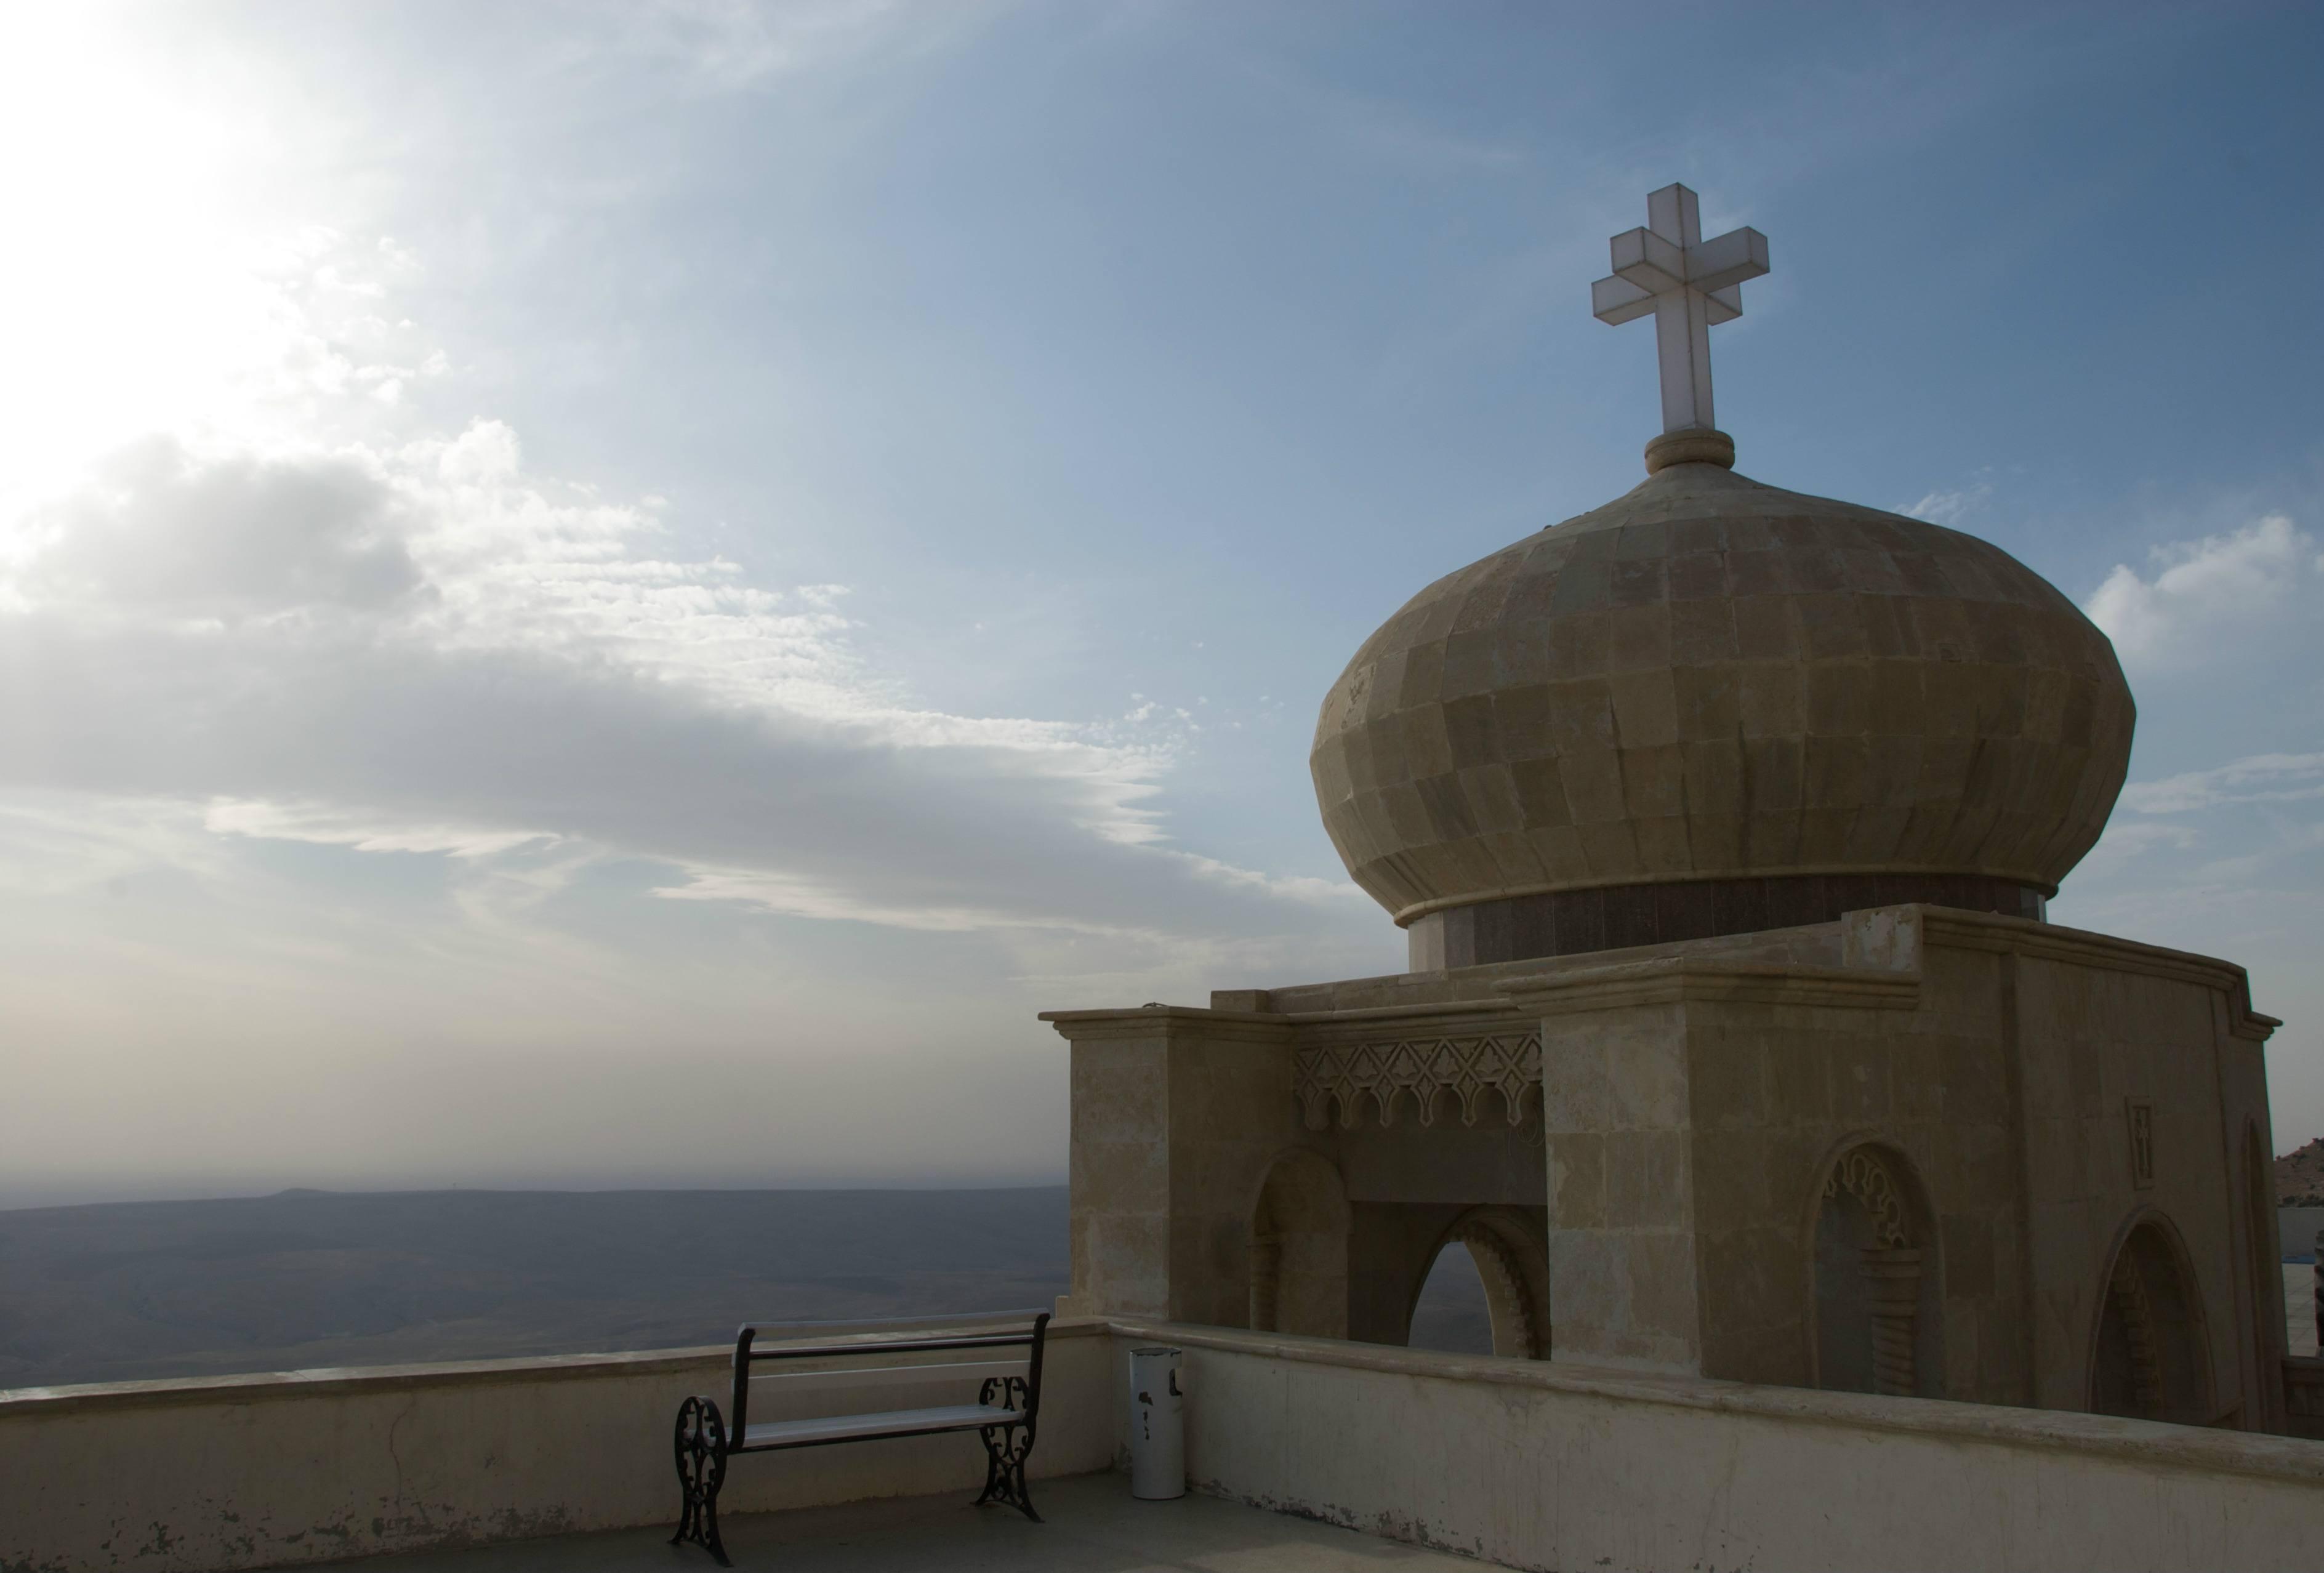 Mosul Plain, cc The Catholic University of America